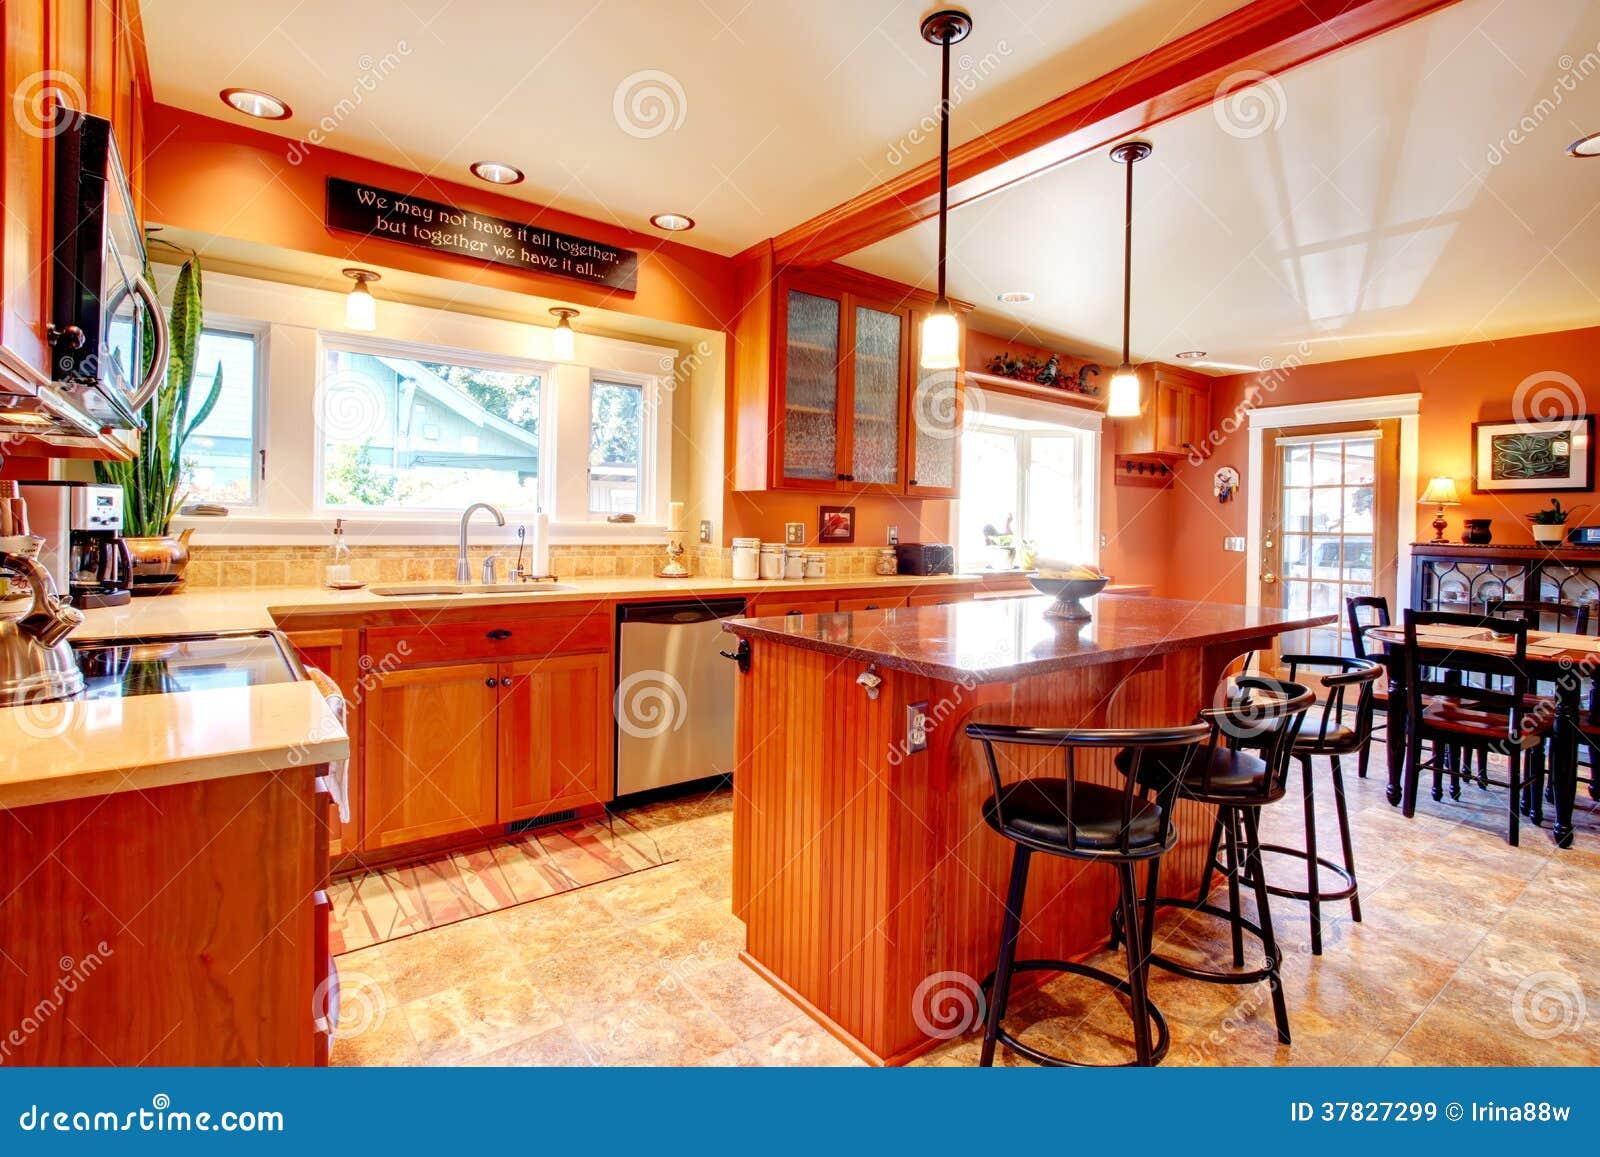 Idea del dise o para la cocina y el comedor for Disenos de cocinas comedor